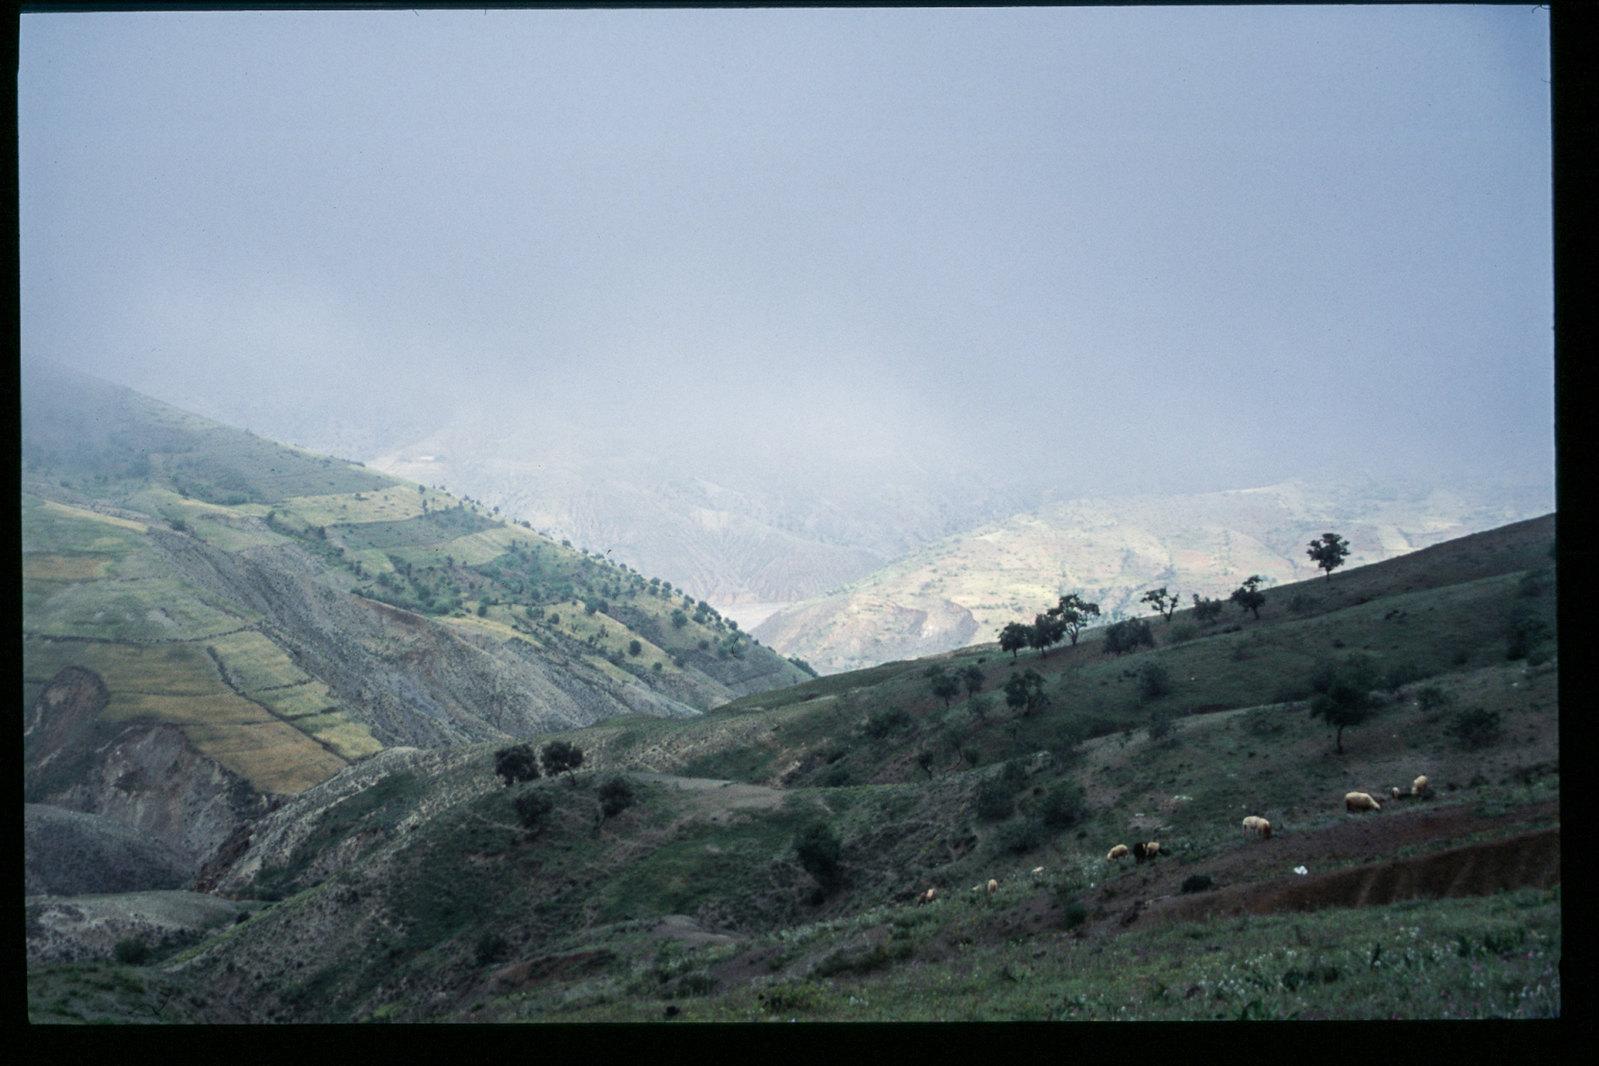 Maroc -Rif - Vallée perdue dans les montagnes